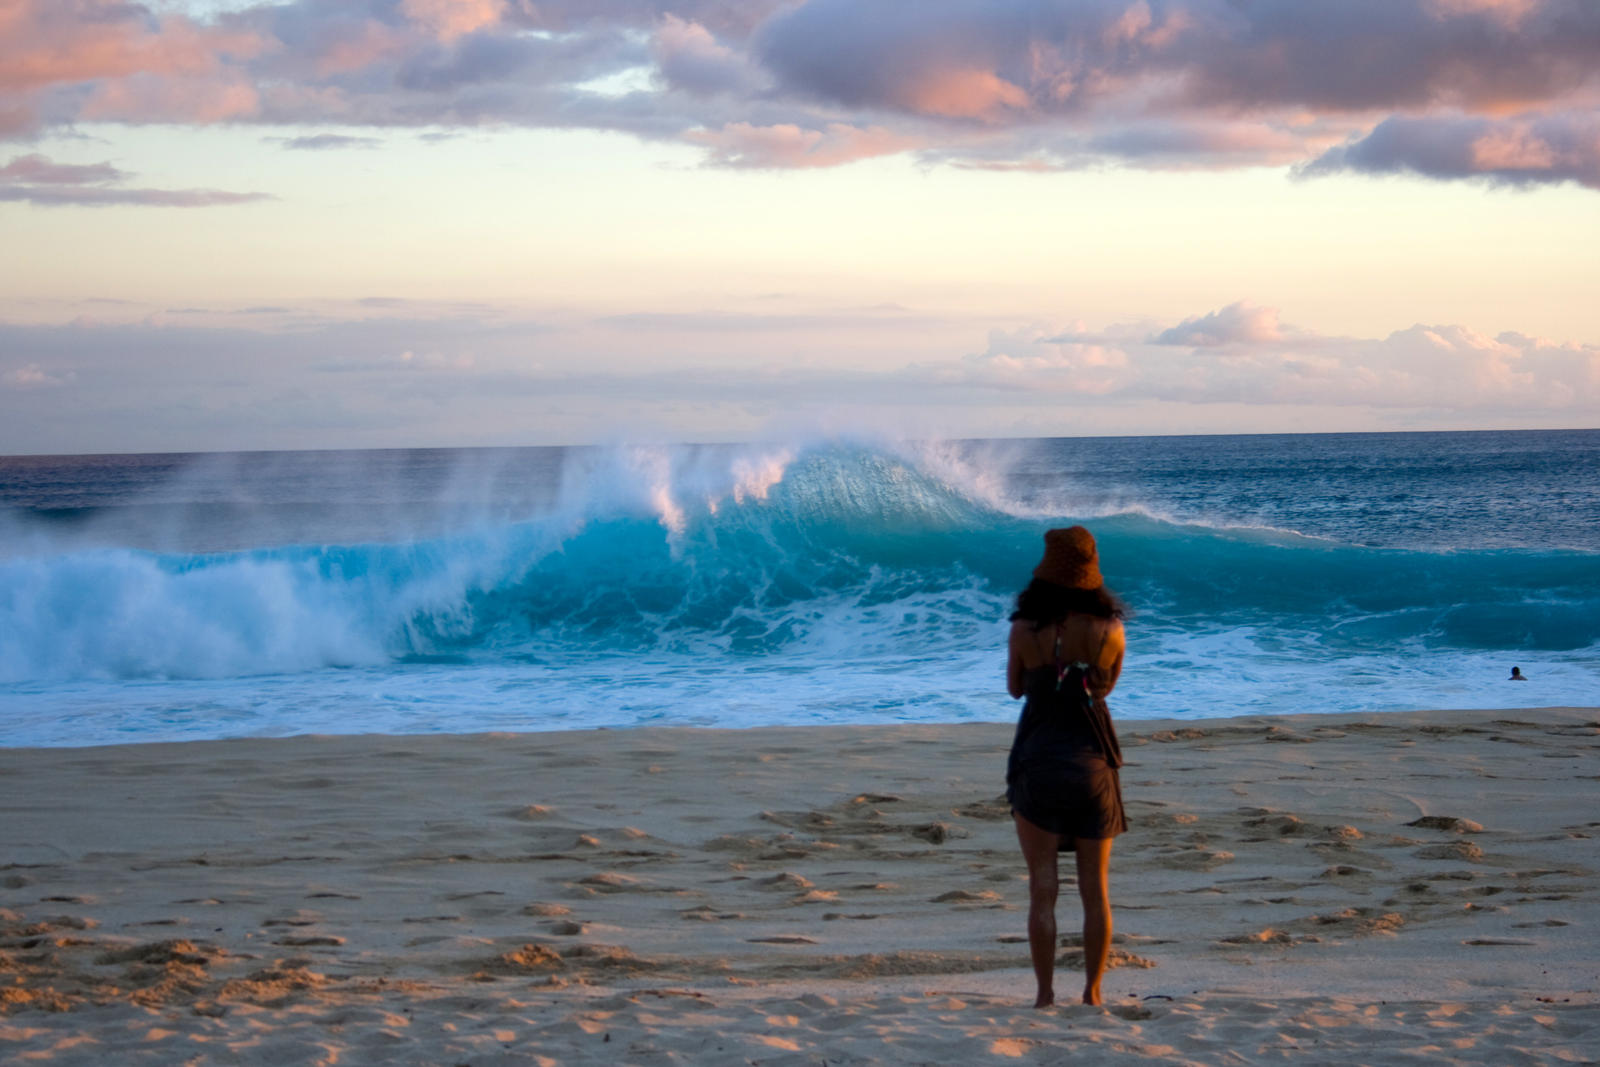 Waves 03 by megamandos